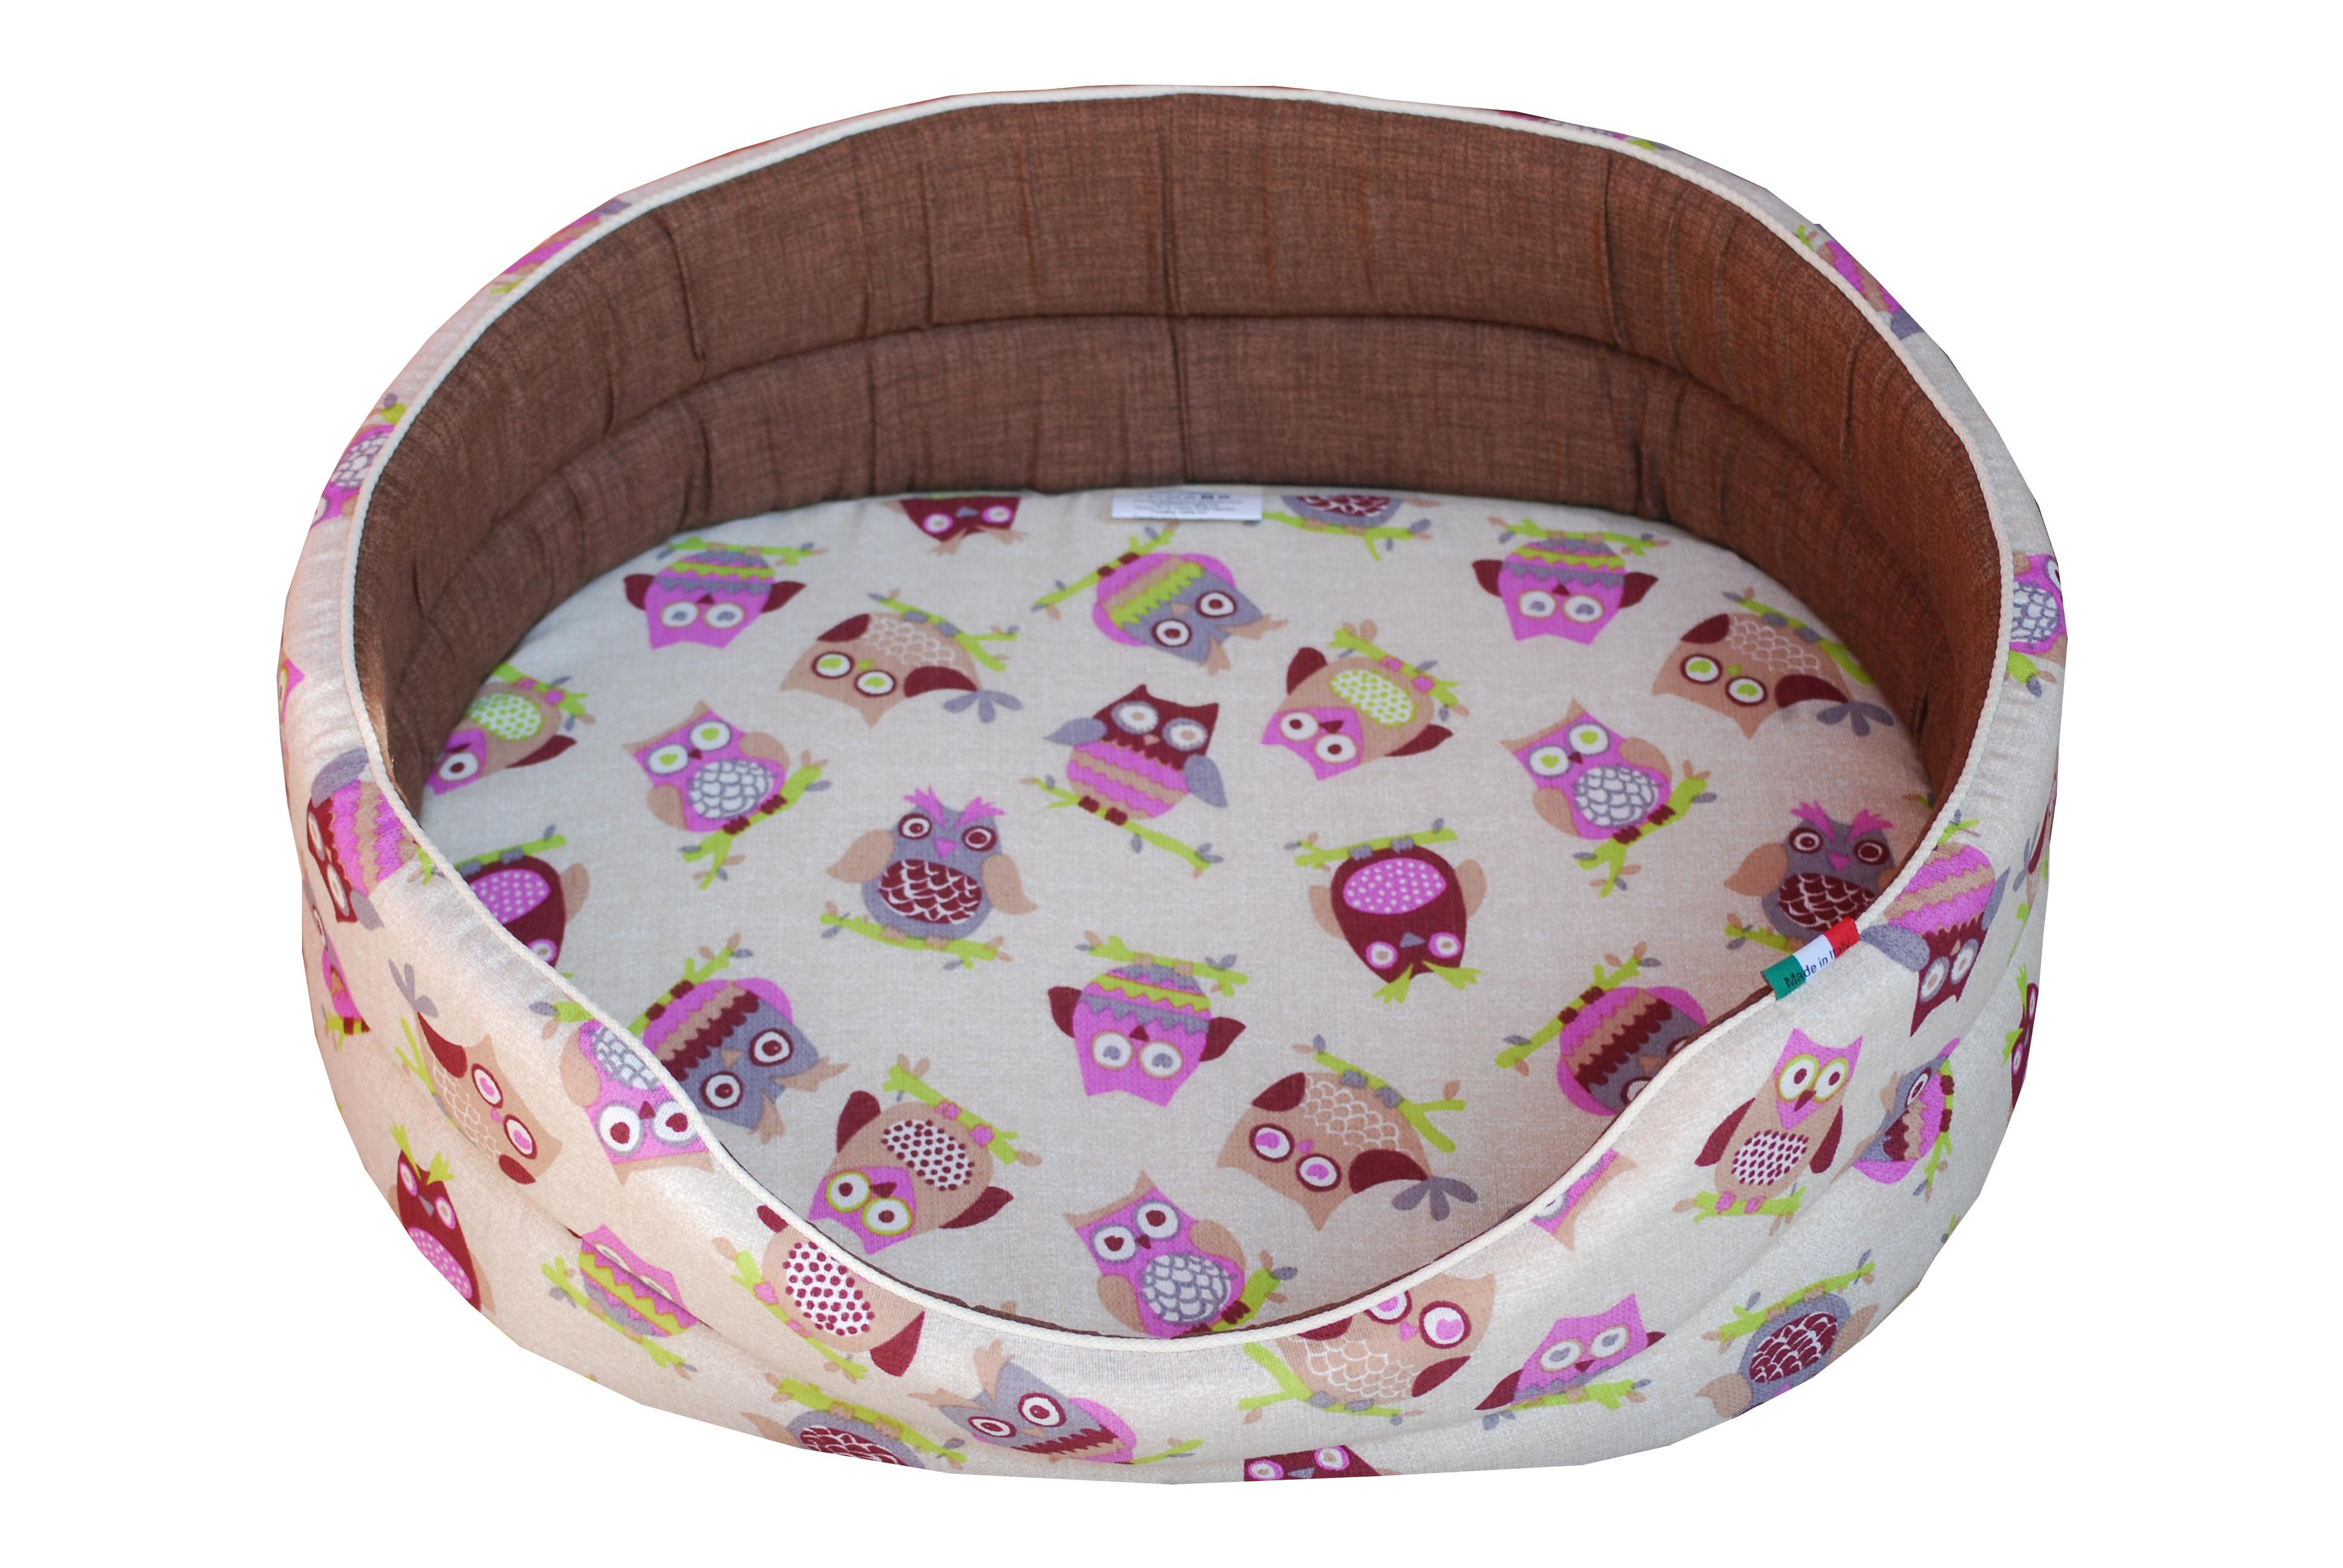 Cucce per cani di tessuto morbide cuccia per cane ovale for Cucce da interno per cani taglia grande